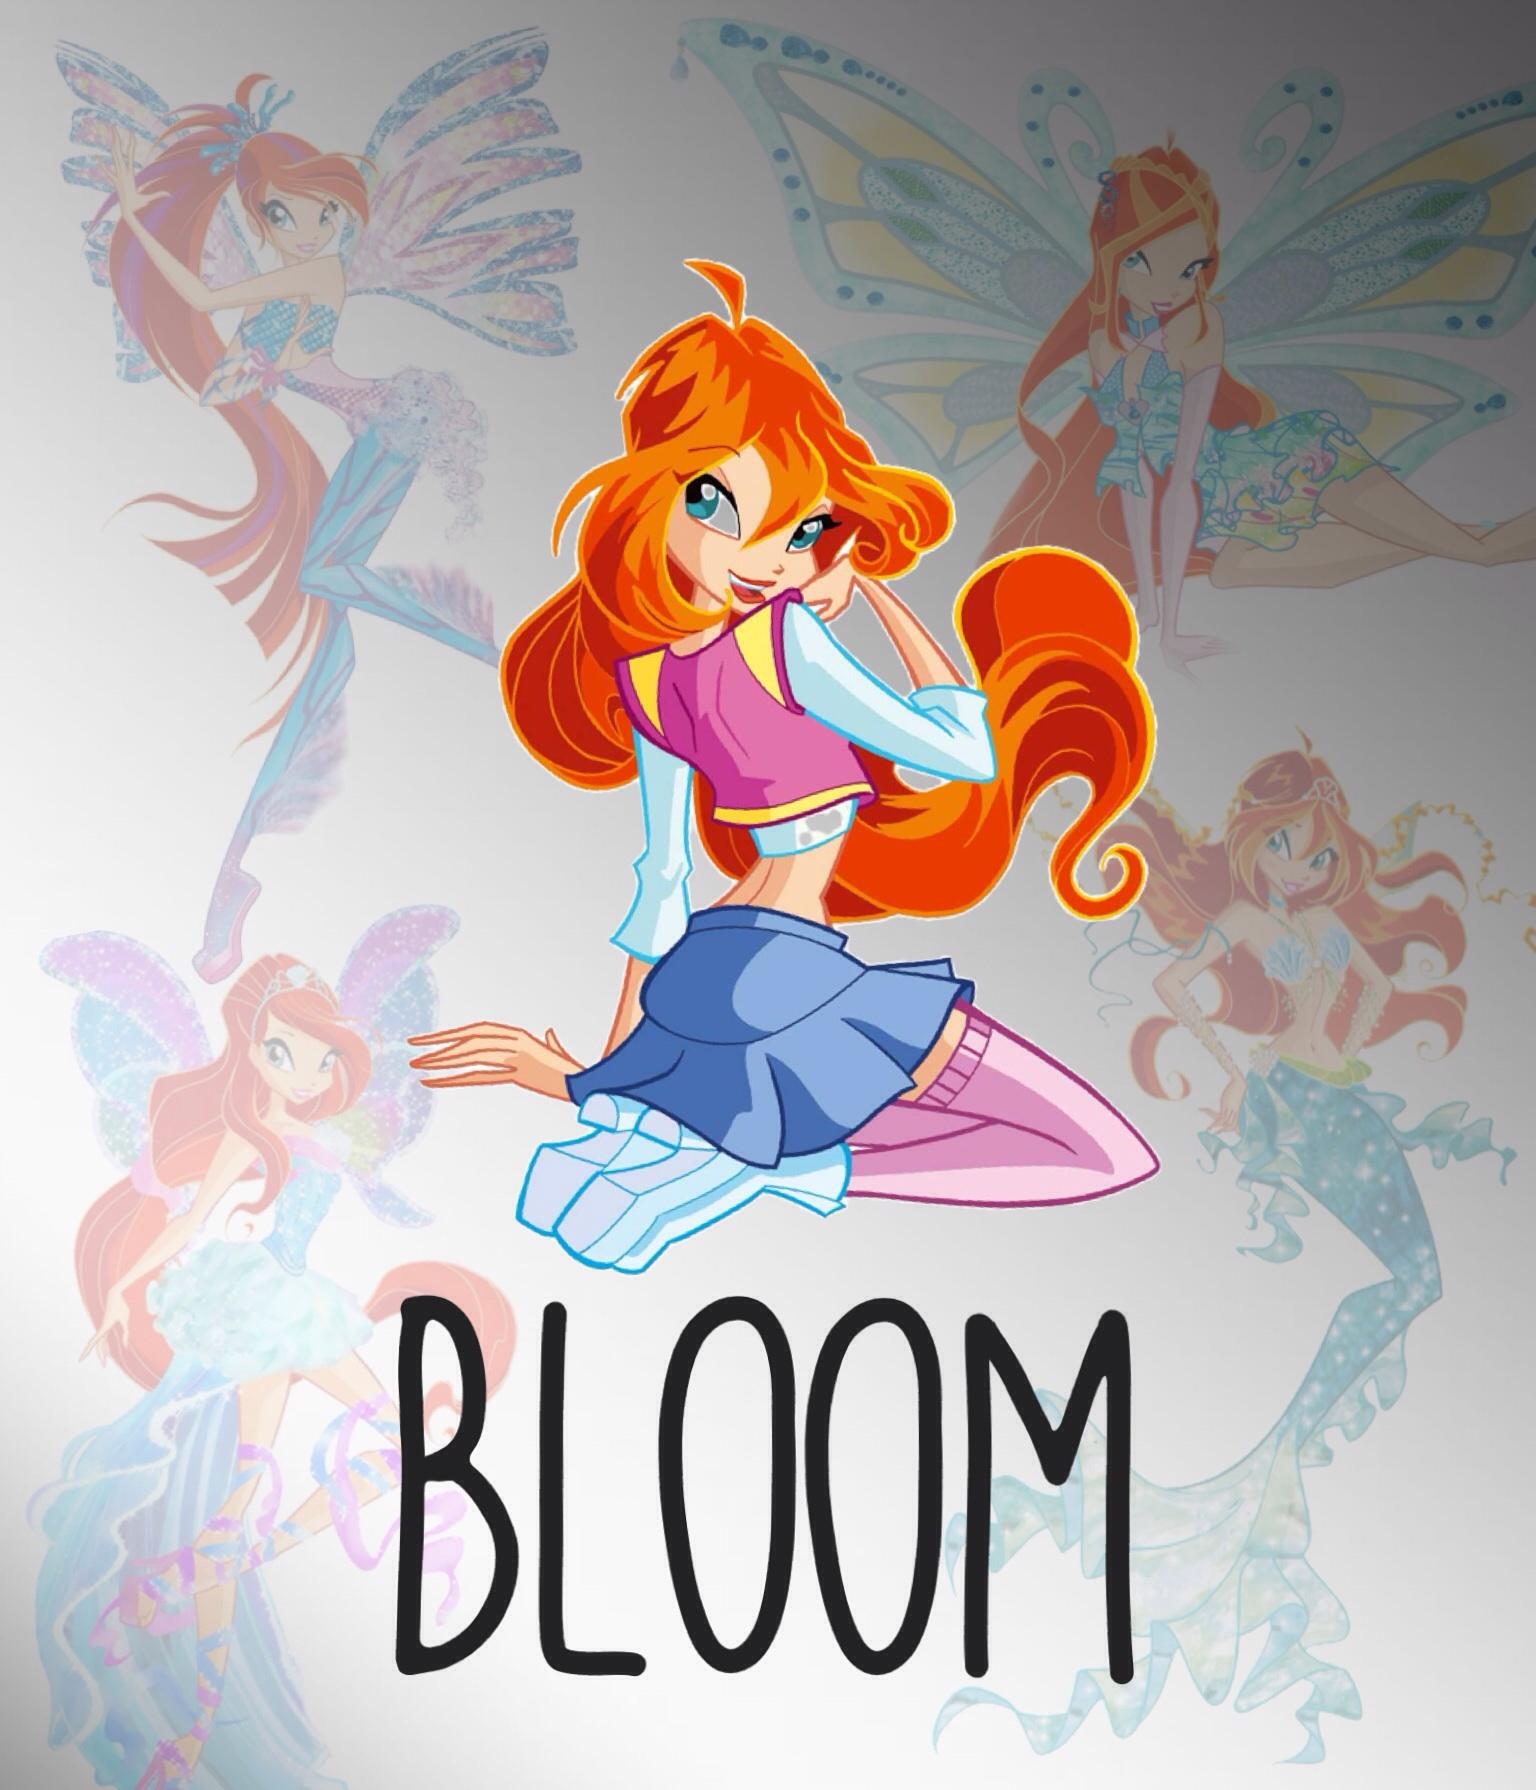 Bloom winx